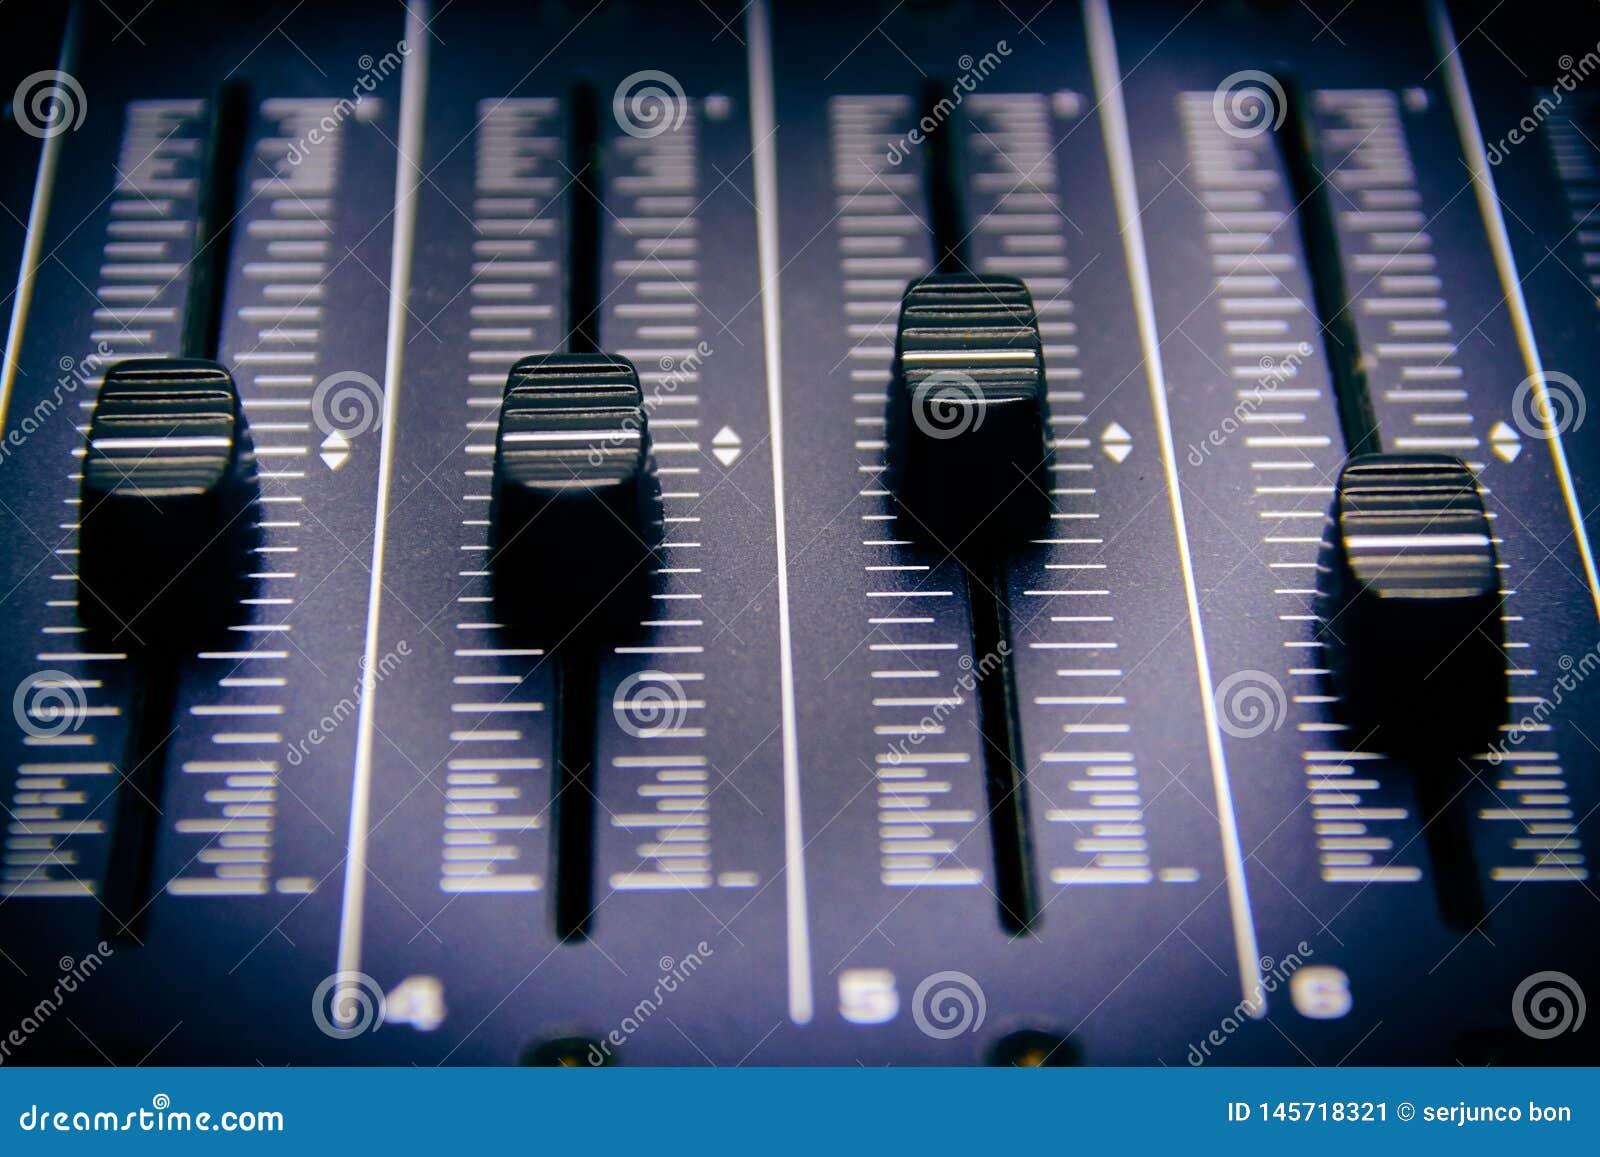 Misturador audio, controles e fader de mistura da mesa, console de mistura da m?sica com efeitos degradados para bandeiras e fund